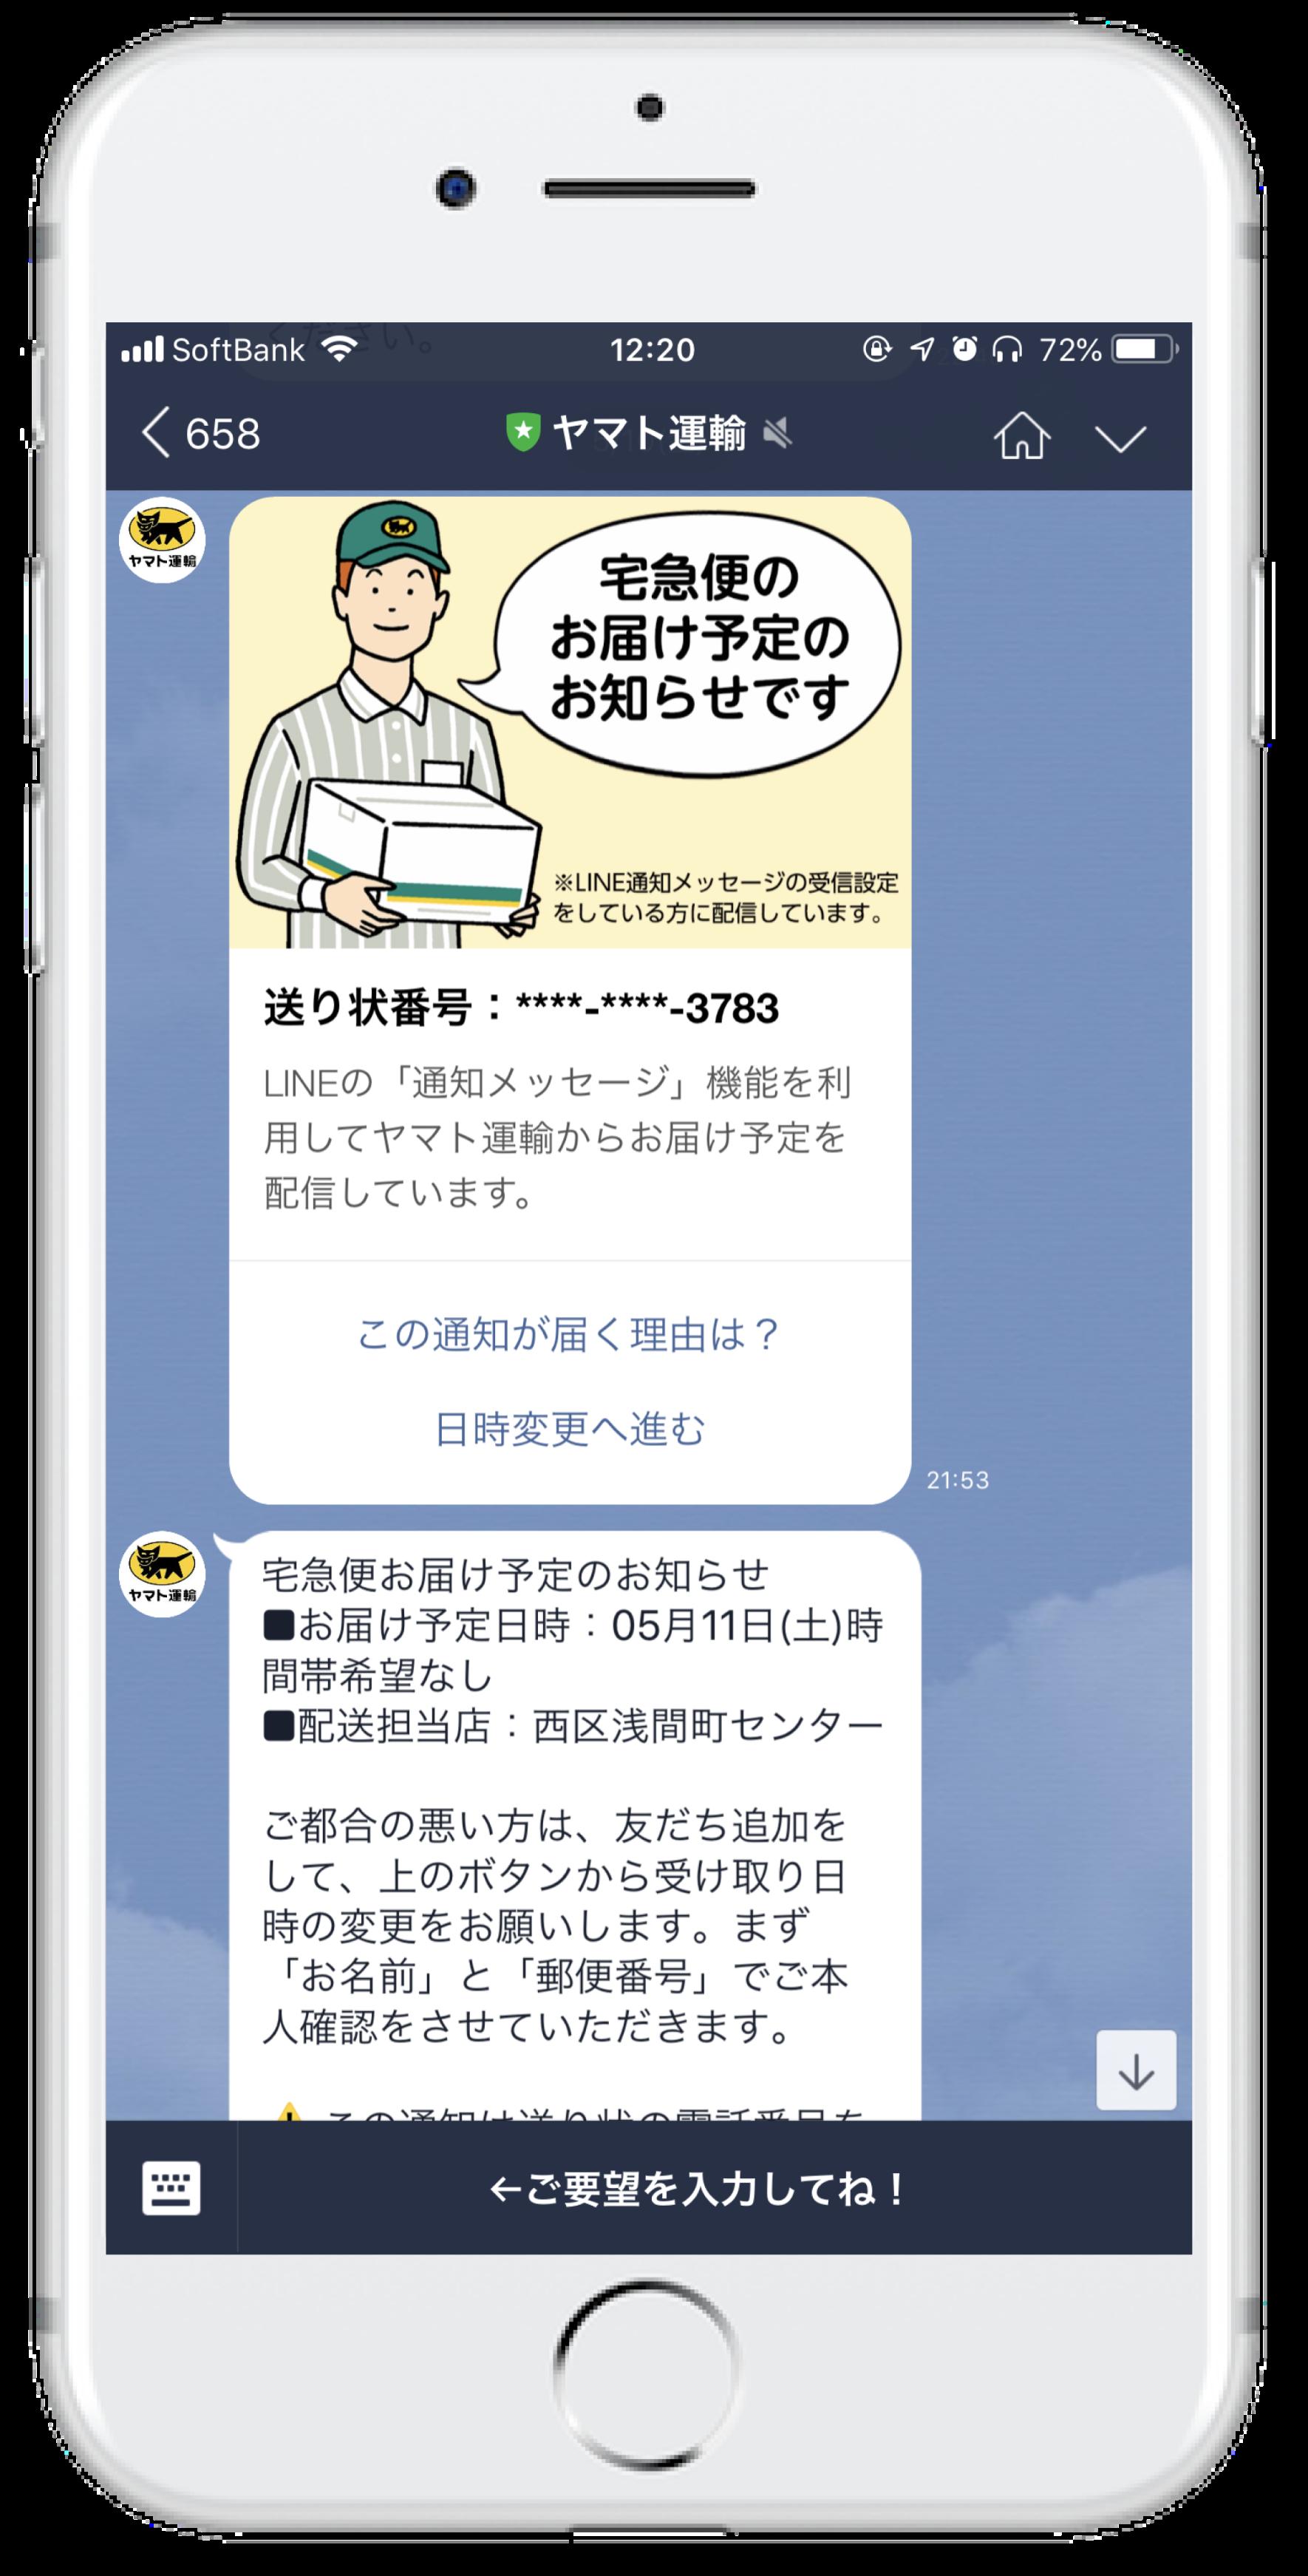 ミニアプリ活用事例ヤマト運輸編3